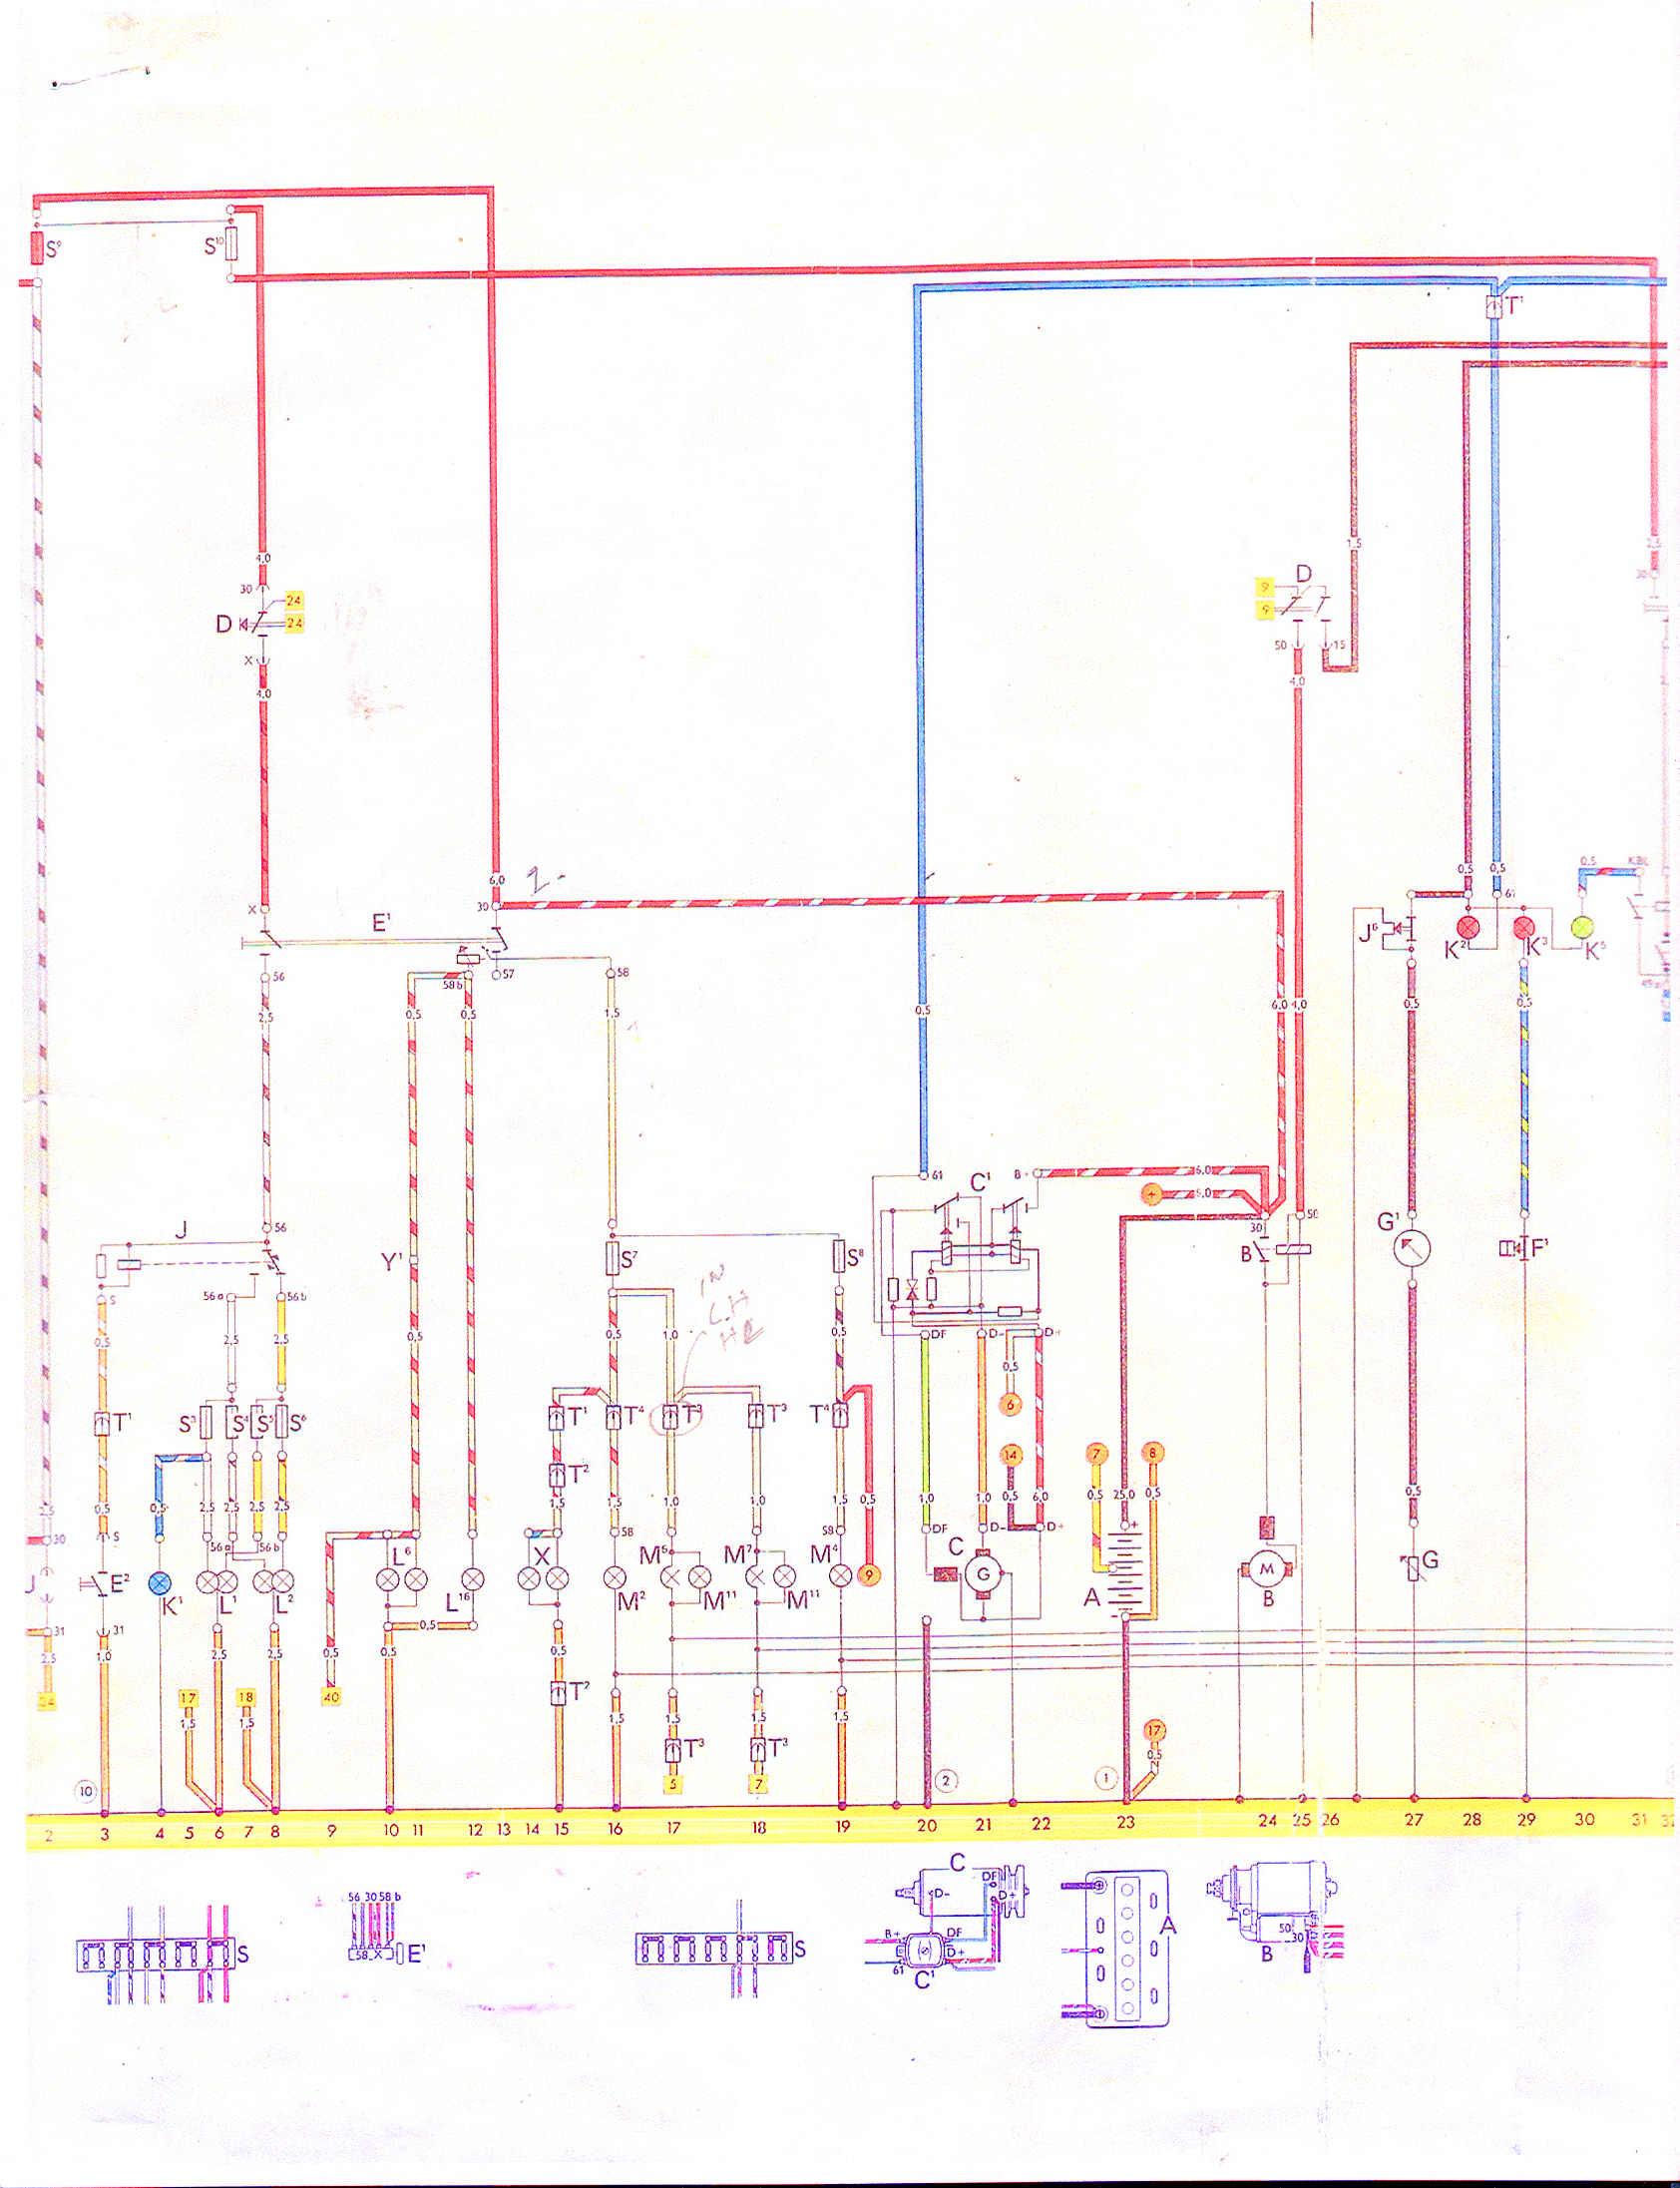 medium resolution of wiring vw thing type 181 restoration vw engine wiring diagram 1973 vw thing wiring diagram